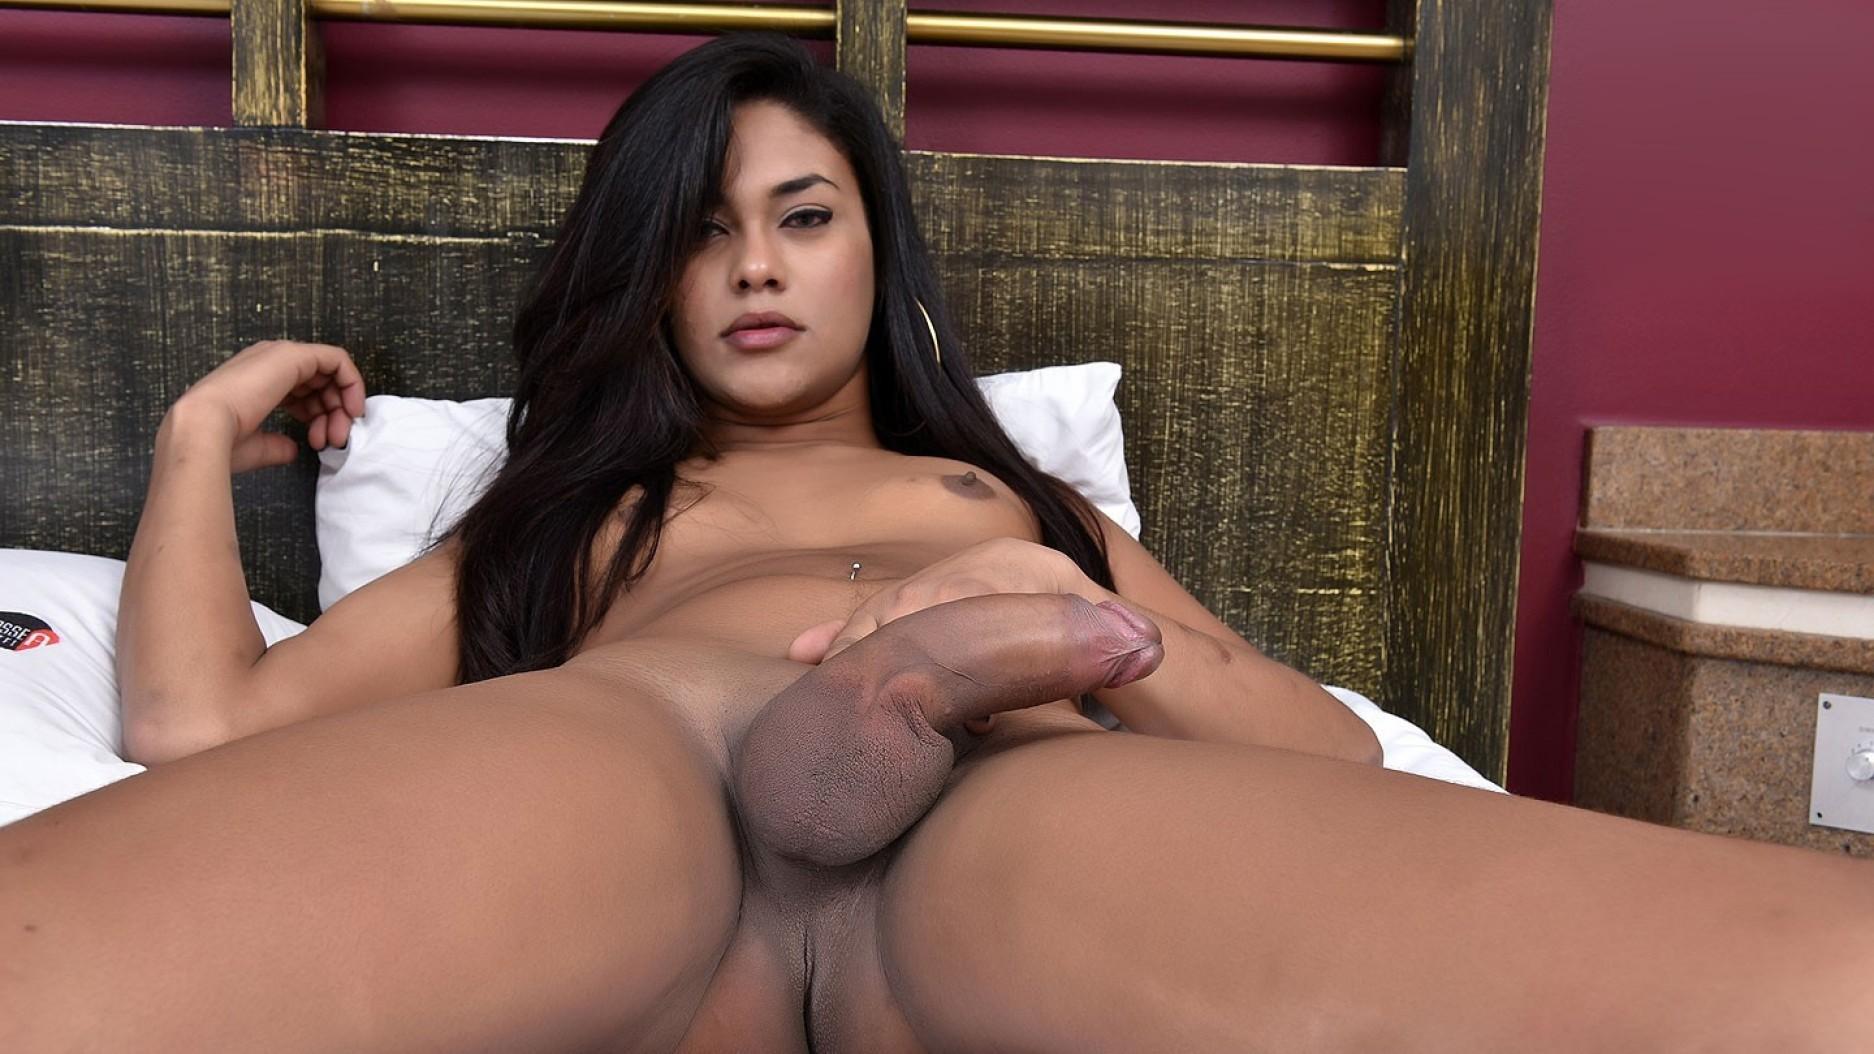 Shemale Scat Dominatrix Porn And Sex Pics